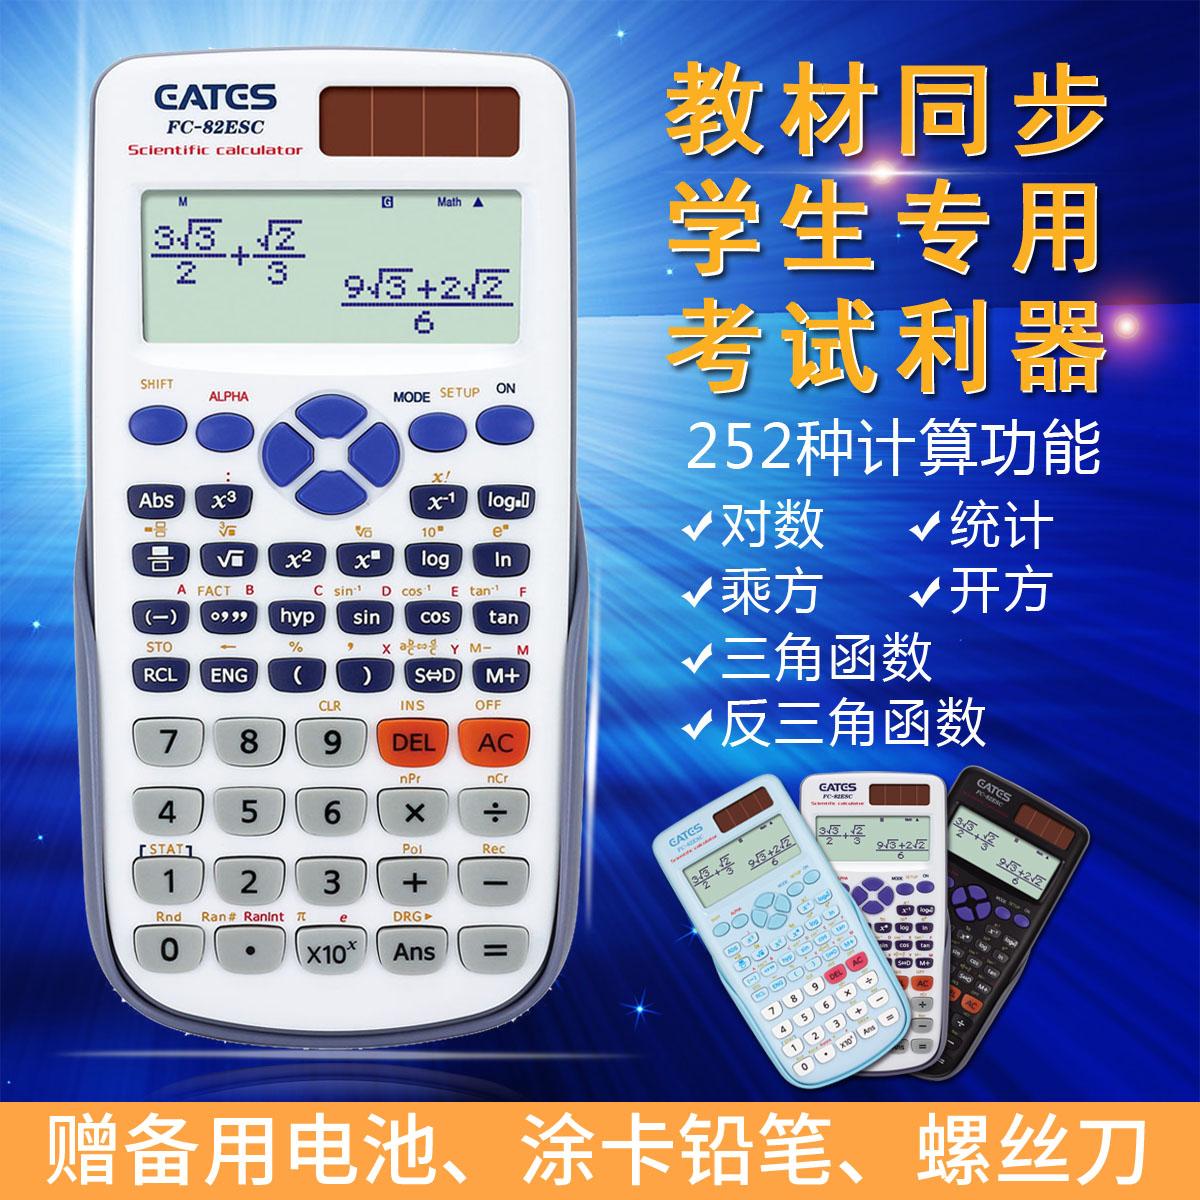 科学函数大学生多功能计算机计算器